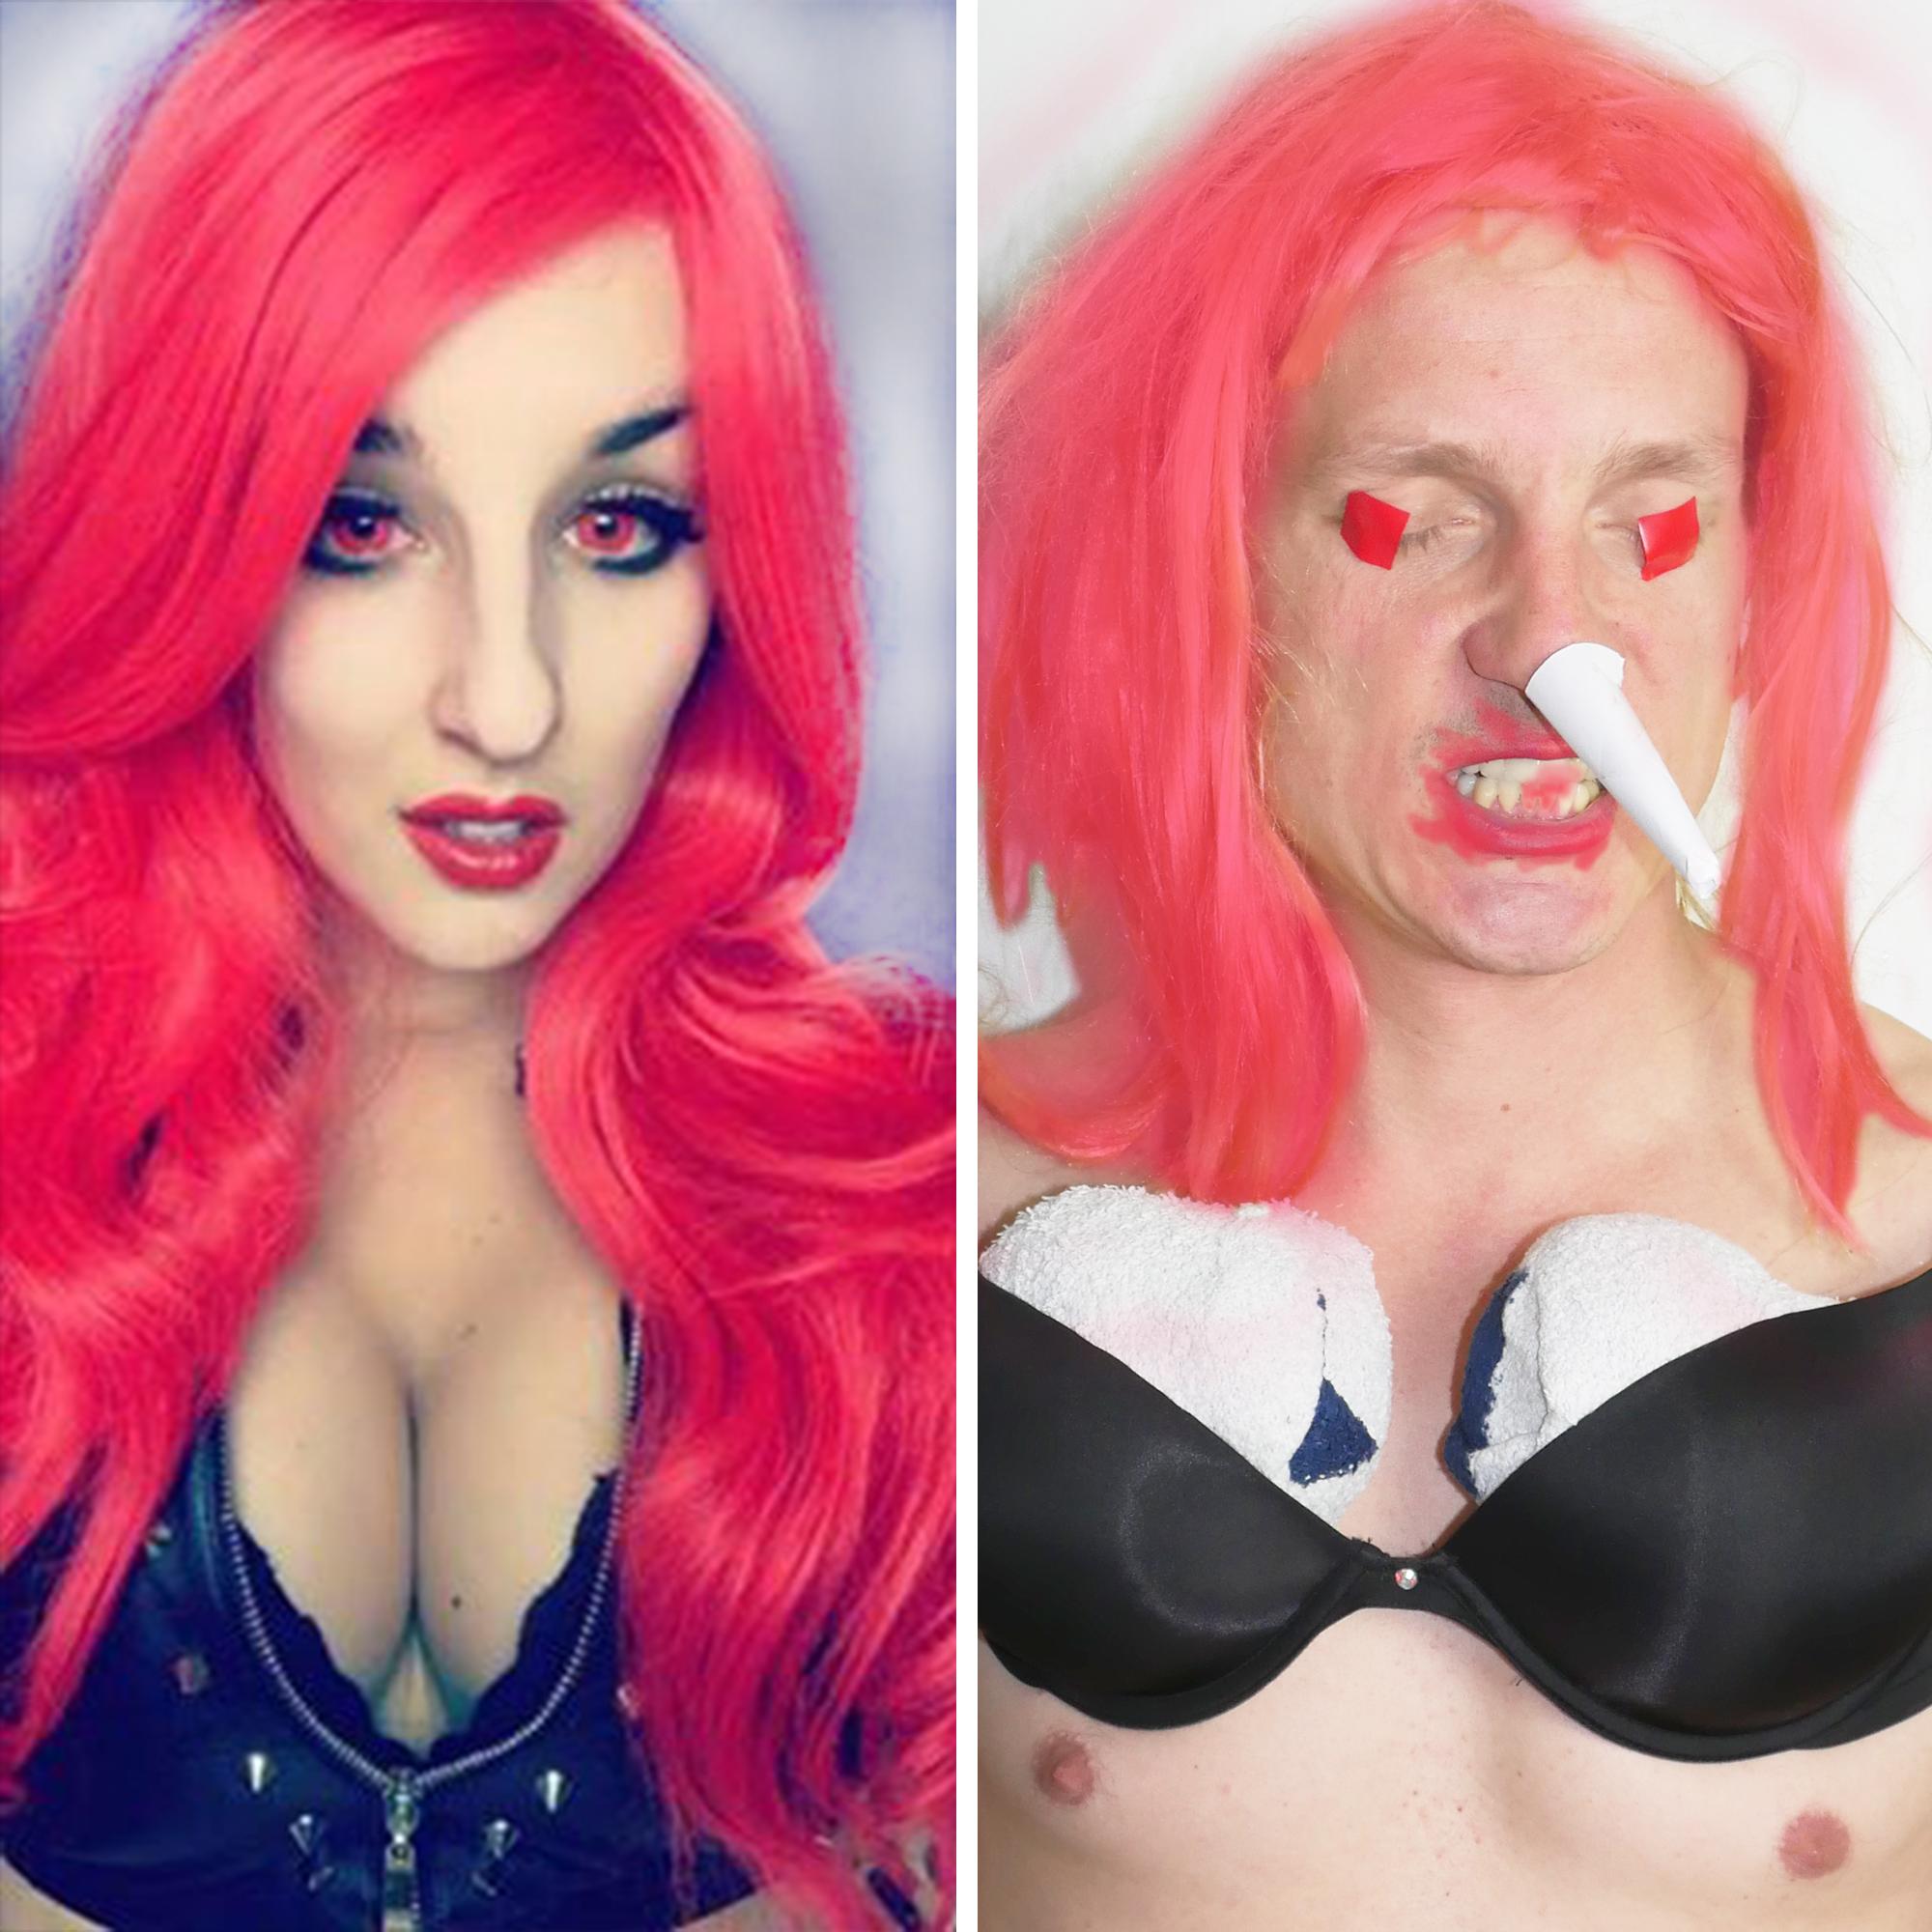 Po lewej stronie zdjęcie czerwonowłosej dziewczyny z dużymi piersiami, po prawej chłopak parodiujący ją